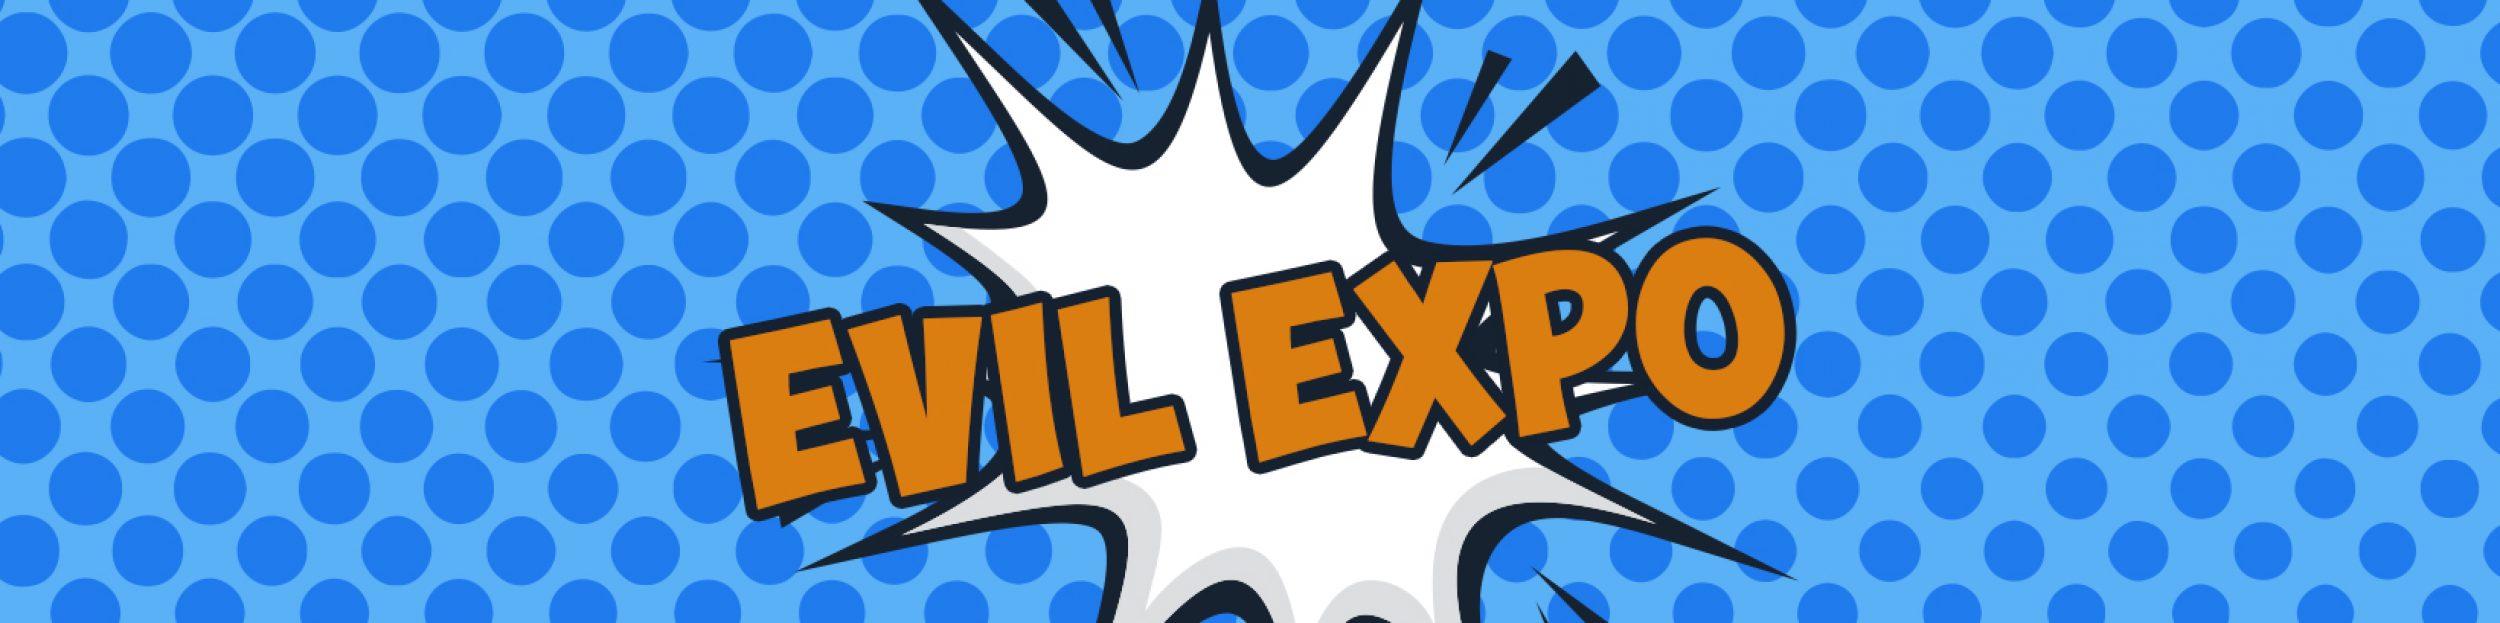 EvilExpo – Jan 24-26, 2020